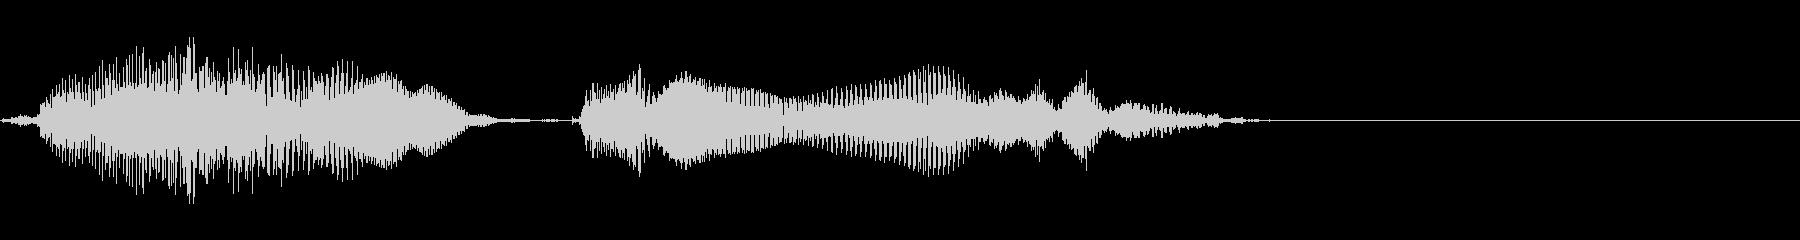 キャンペーン(effect)の未再生の波形